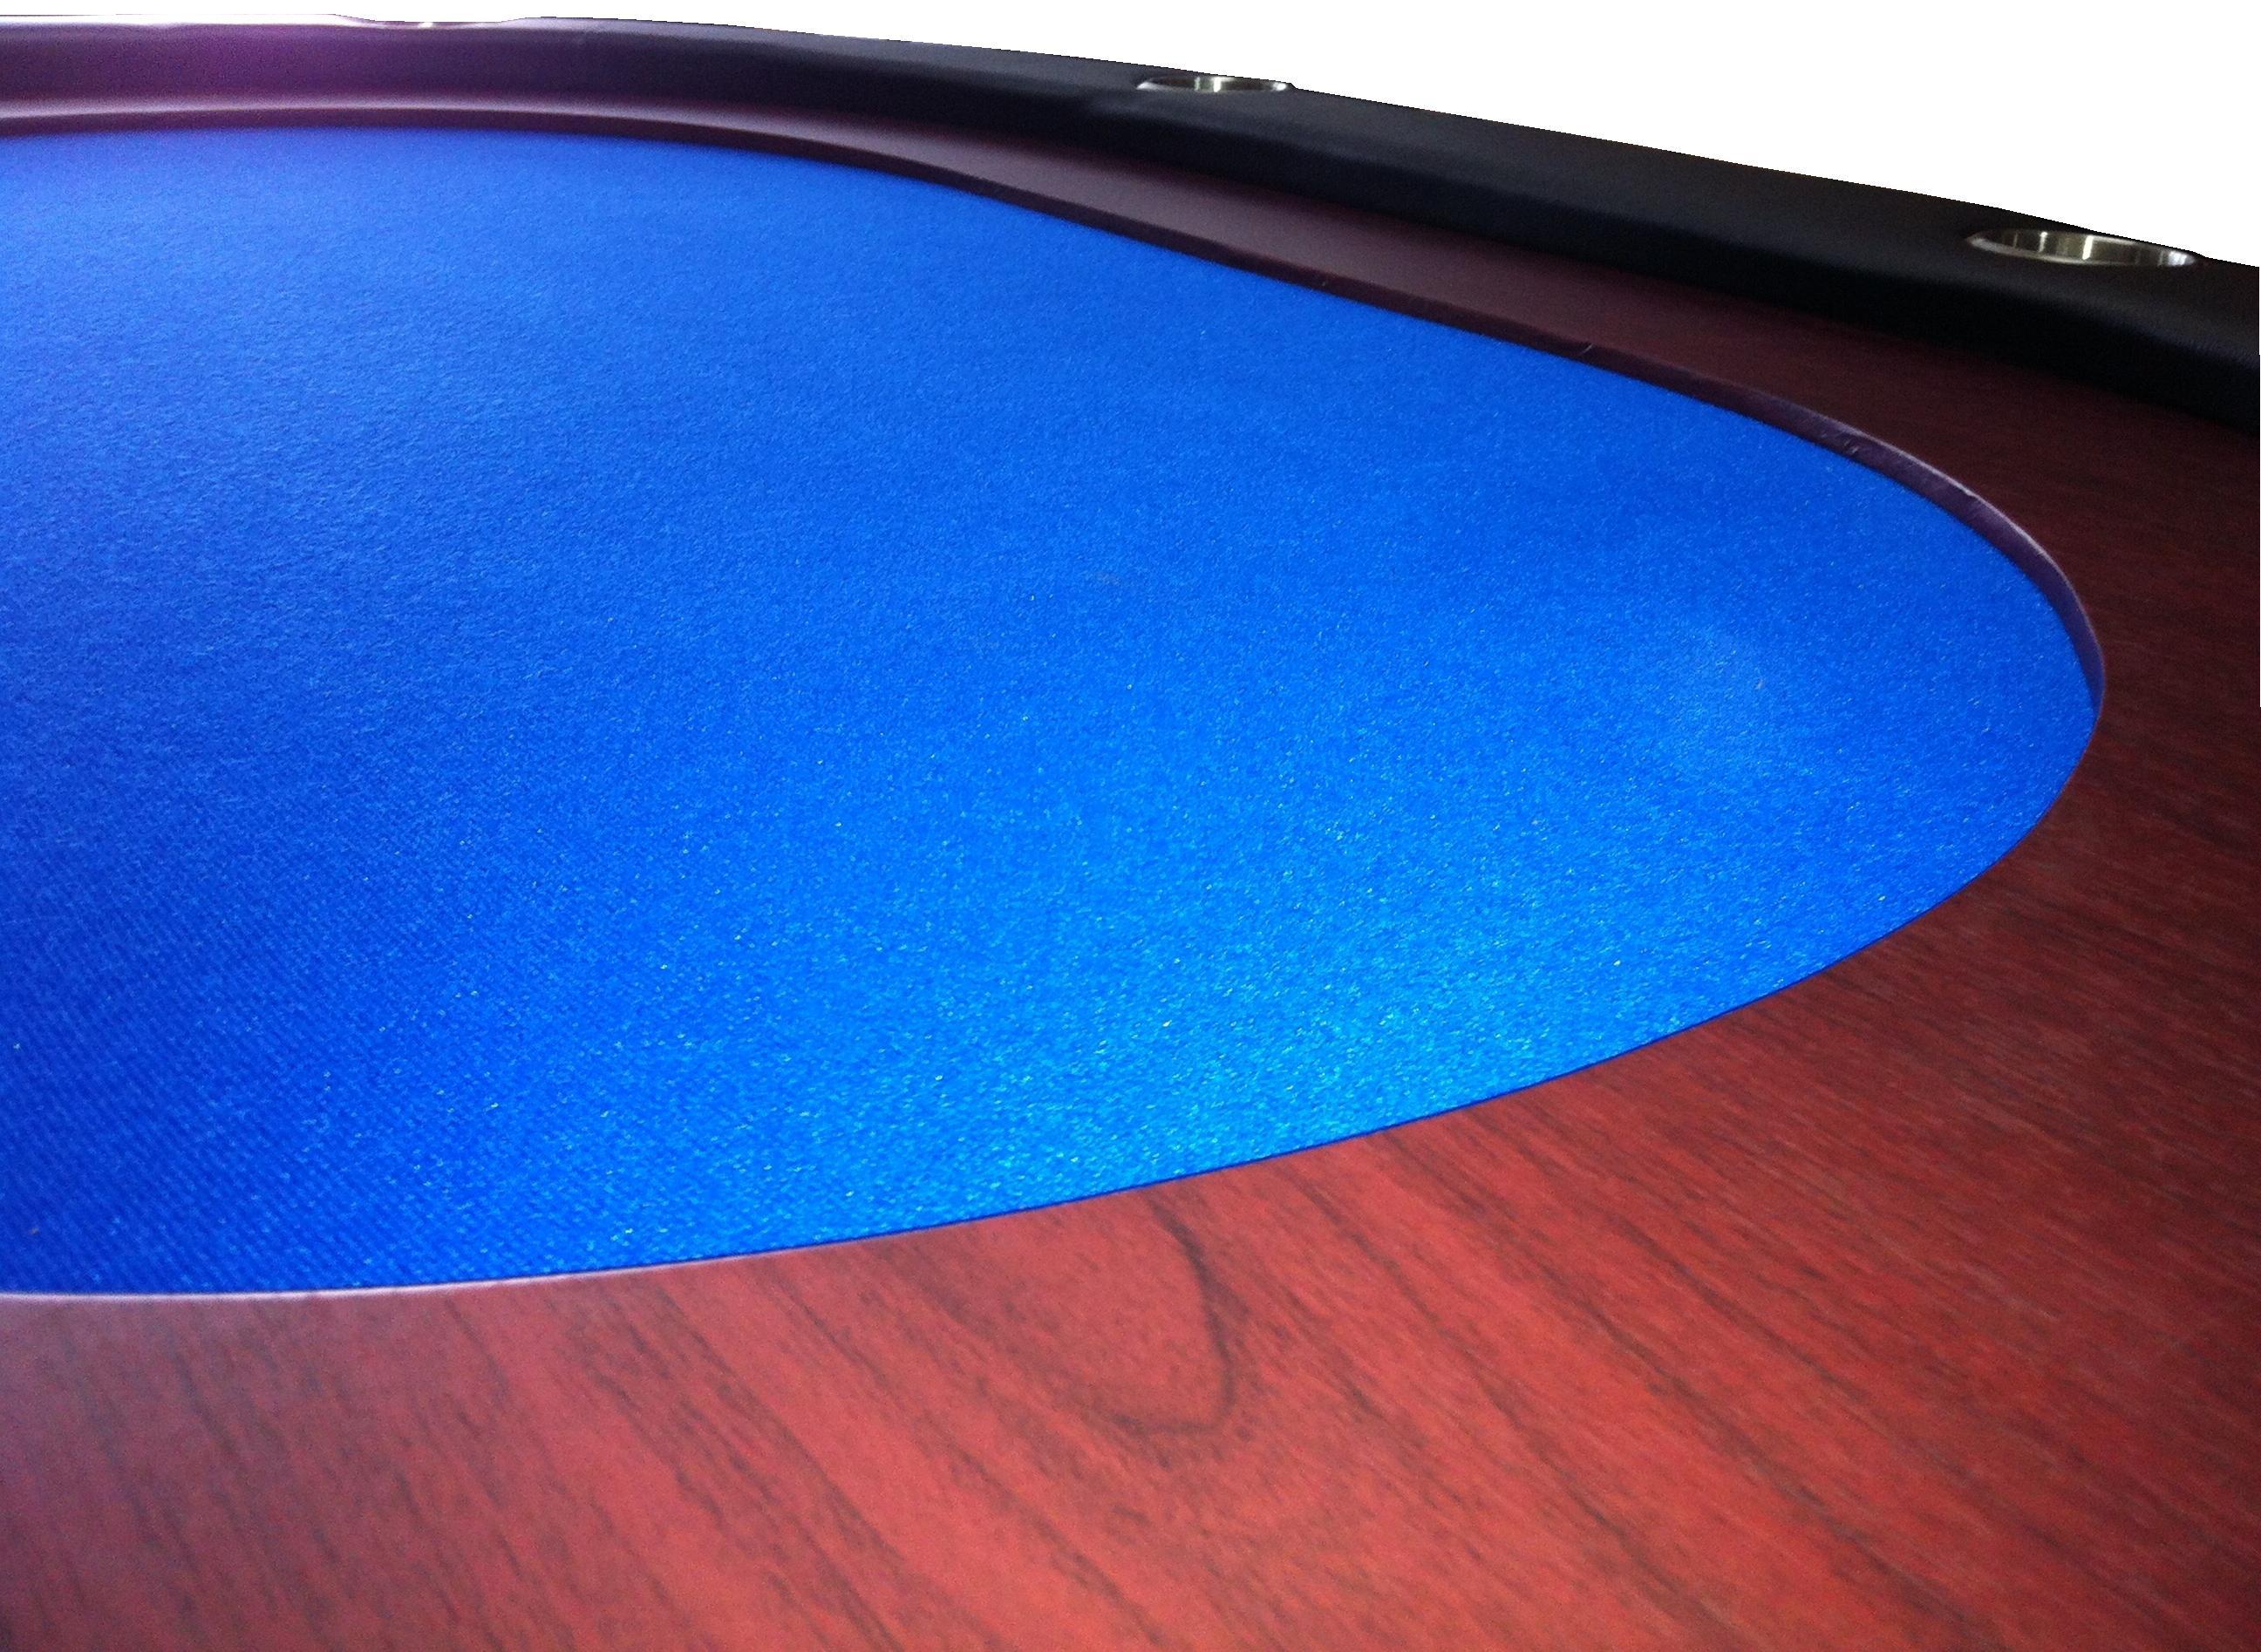 Mesa Oval plegable ALTA GAMA Azul 8 pax mesa formato mini